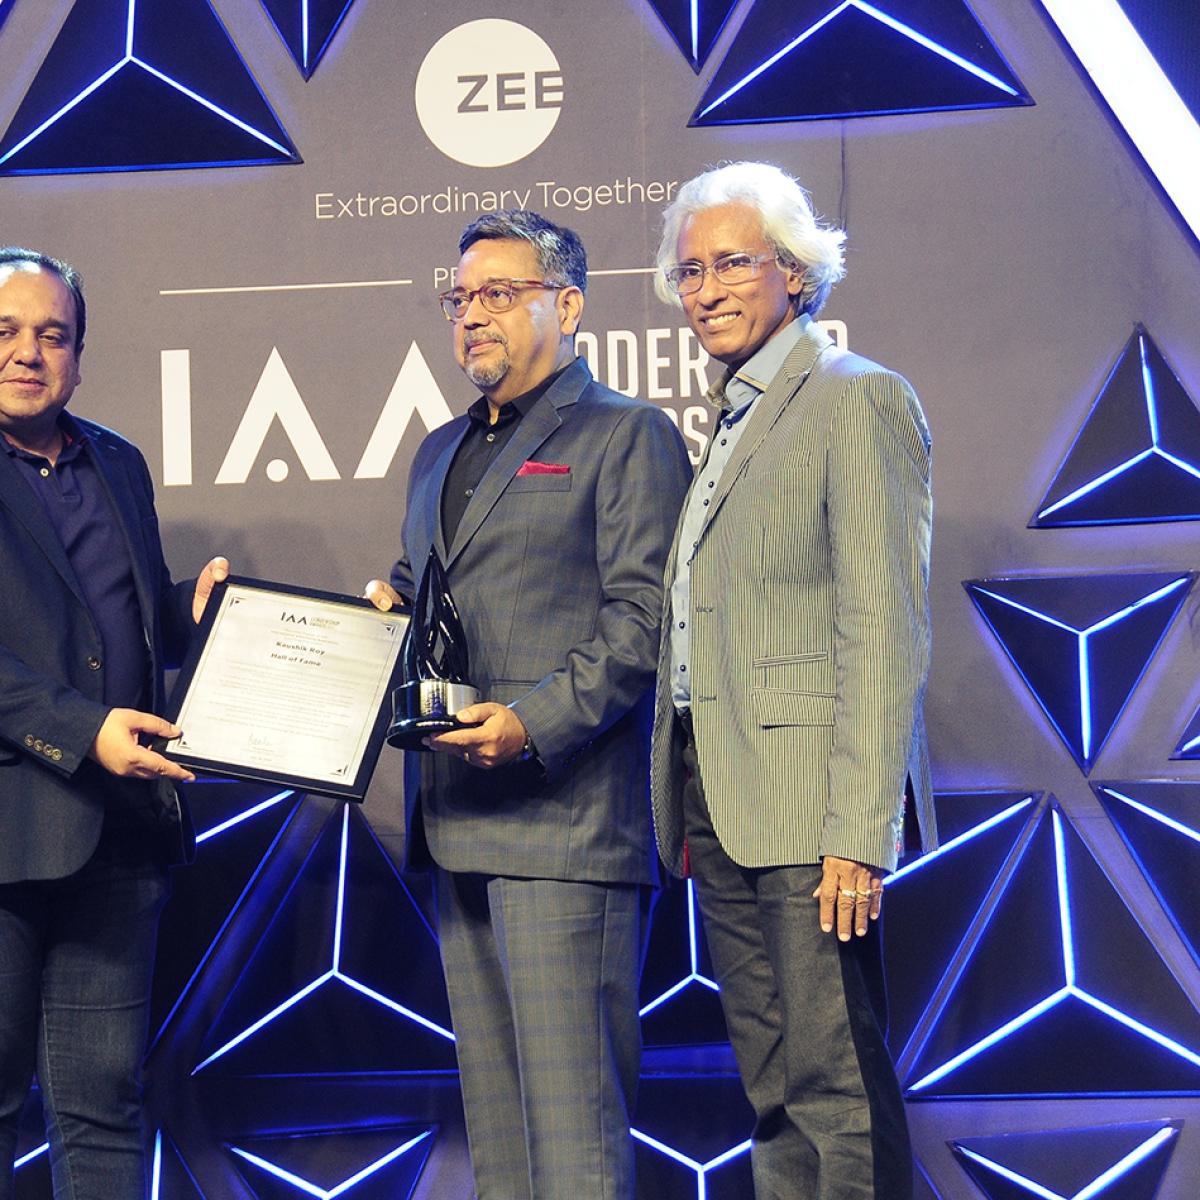 IAA Leadership Awards 2019: Kaushik Roy inducted into the IAA Hall of Fame